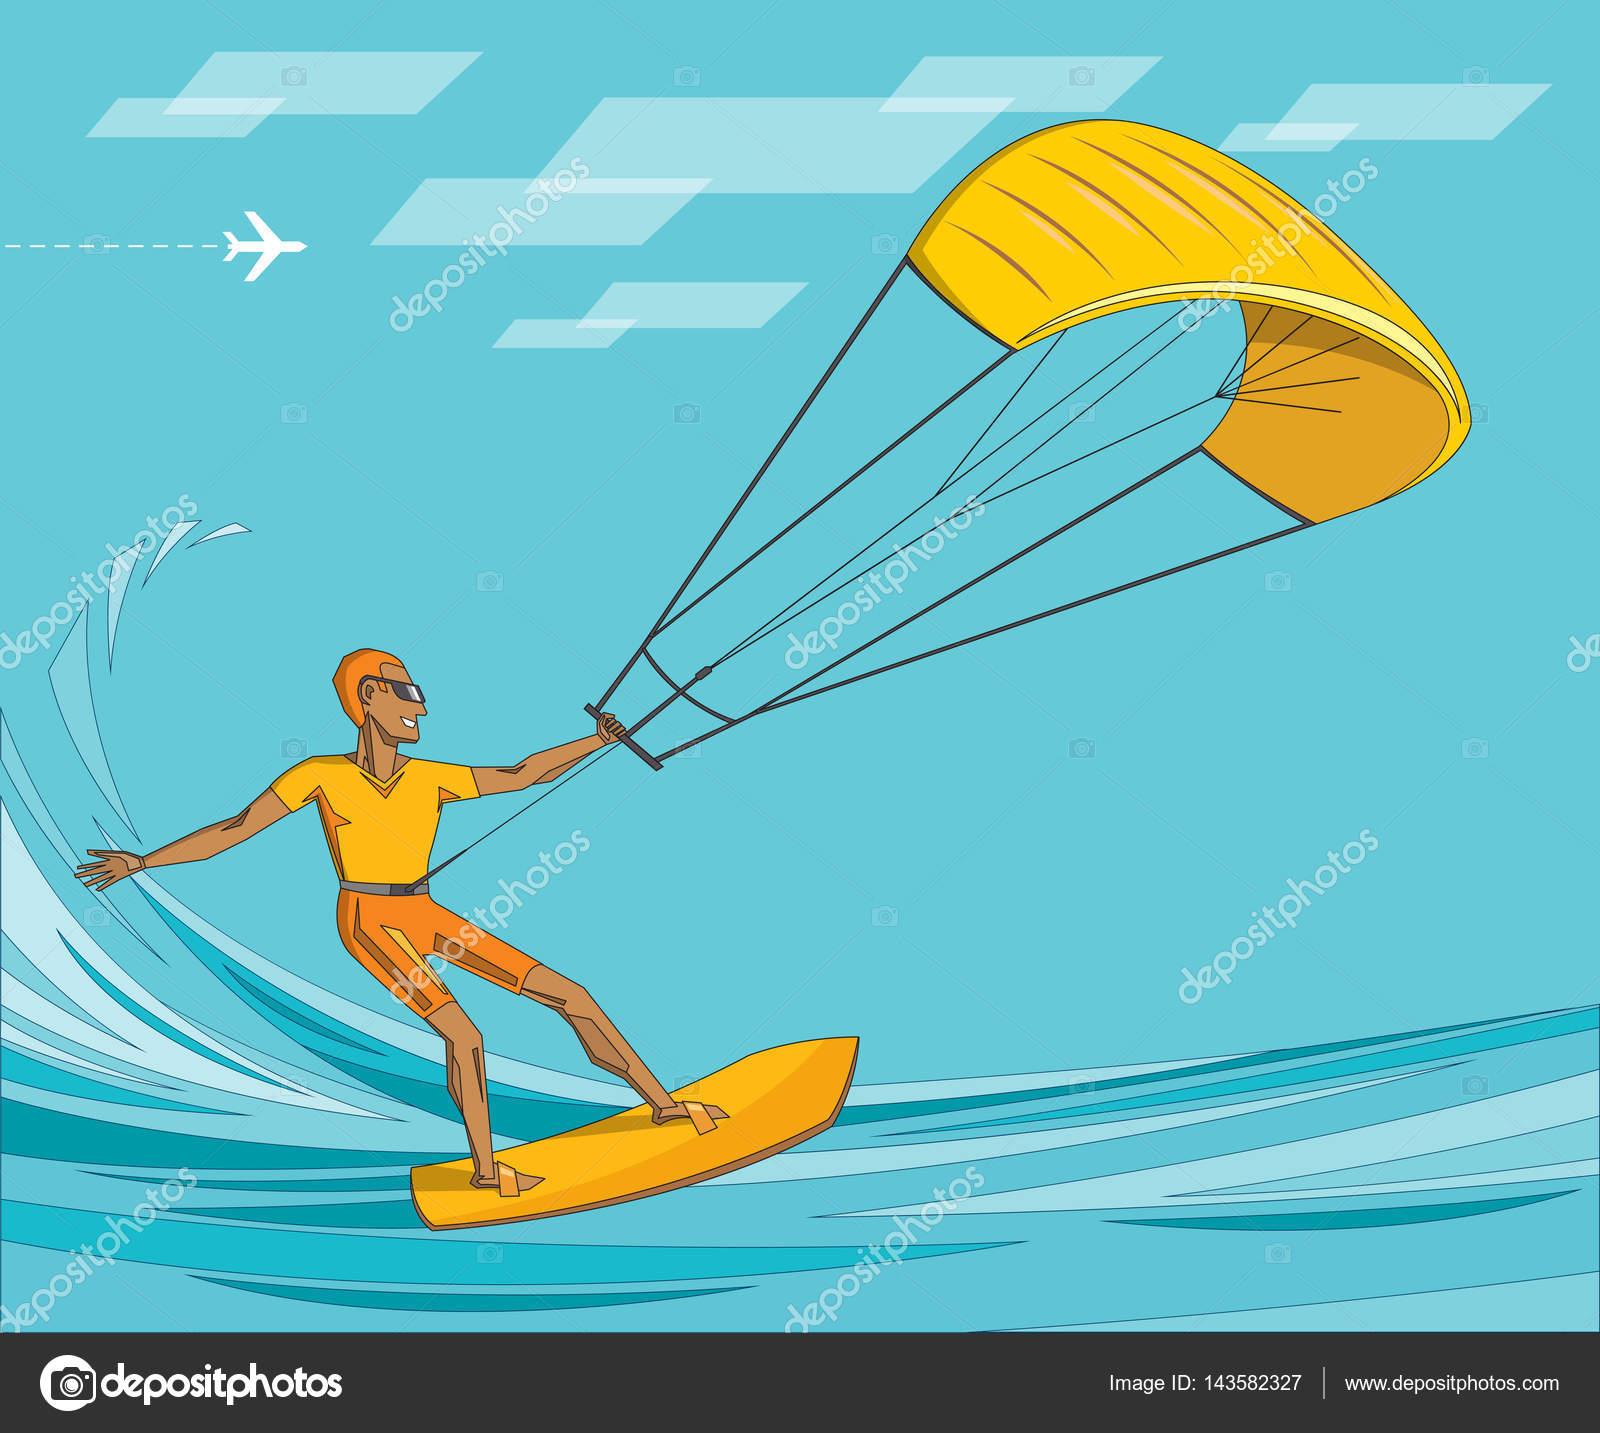 Kite surfista no verão oceano - homem em óculos de sol laranja afoga -  vetor editável 10f06af26c